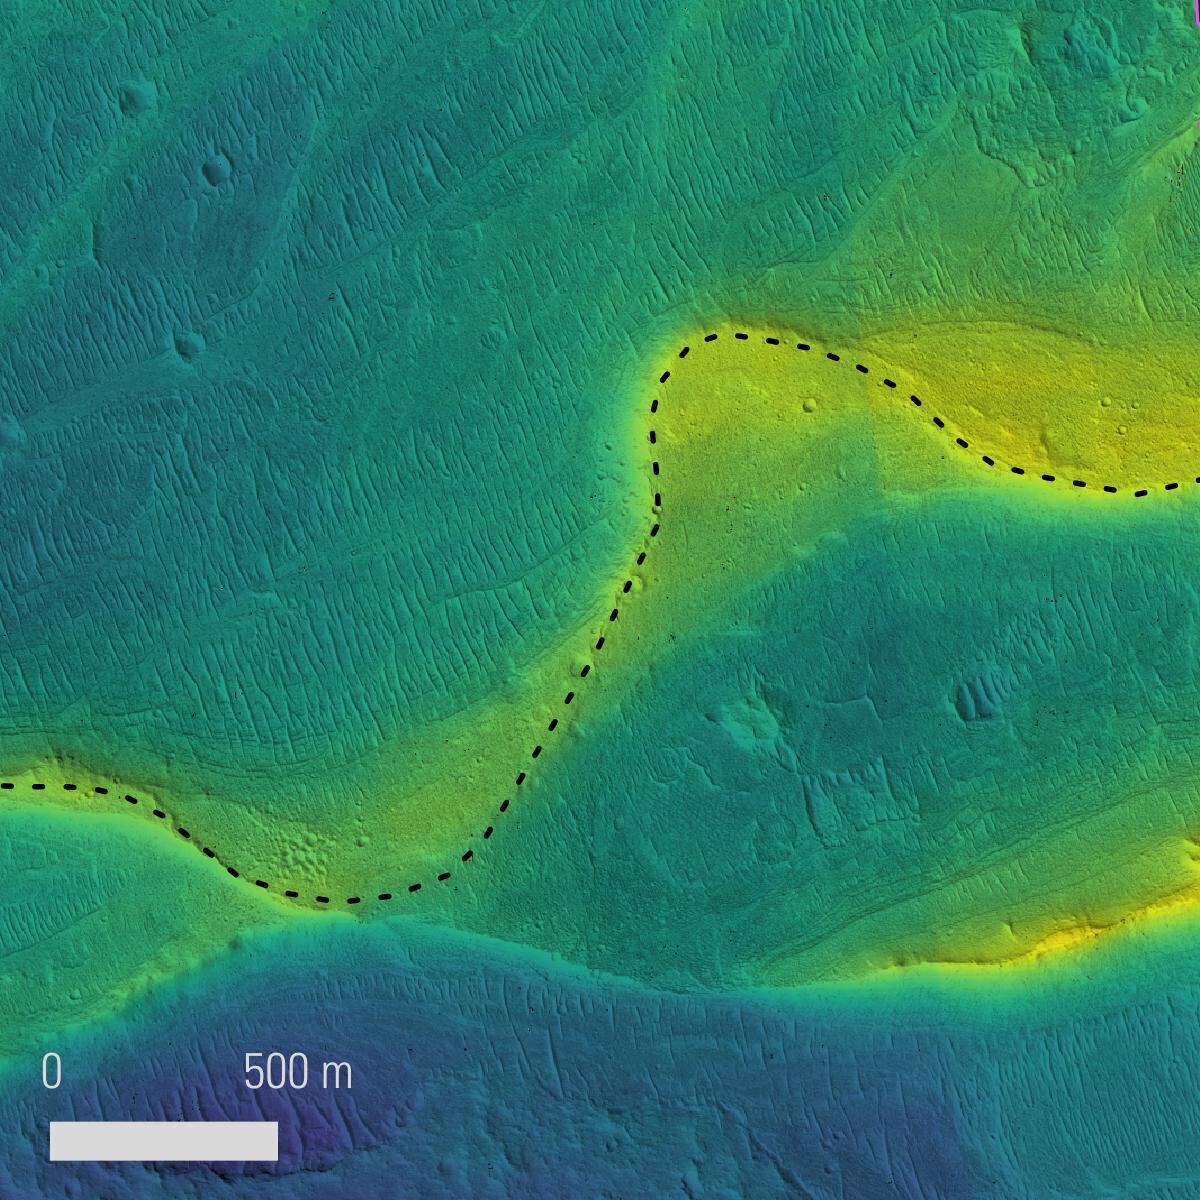 Пунктир обозначает предполагаемое русло реки, цвет – высоту рельефа (низины – синий, возвышенности – жёлтый). Изображение создано по данным орбитального аппарата MRO.